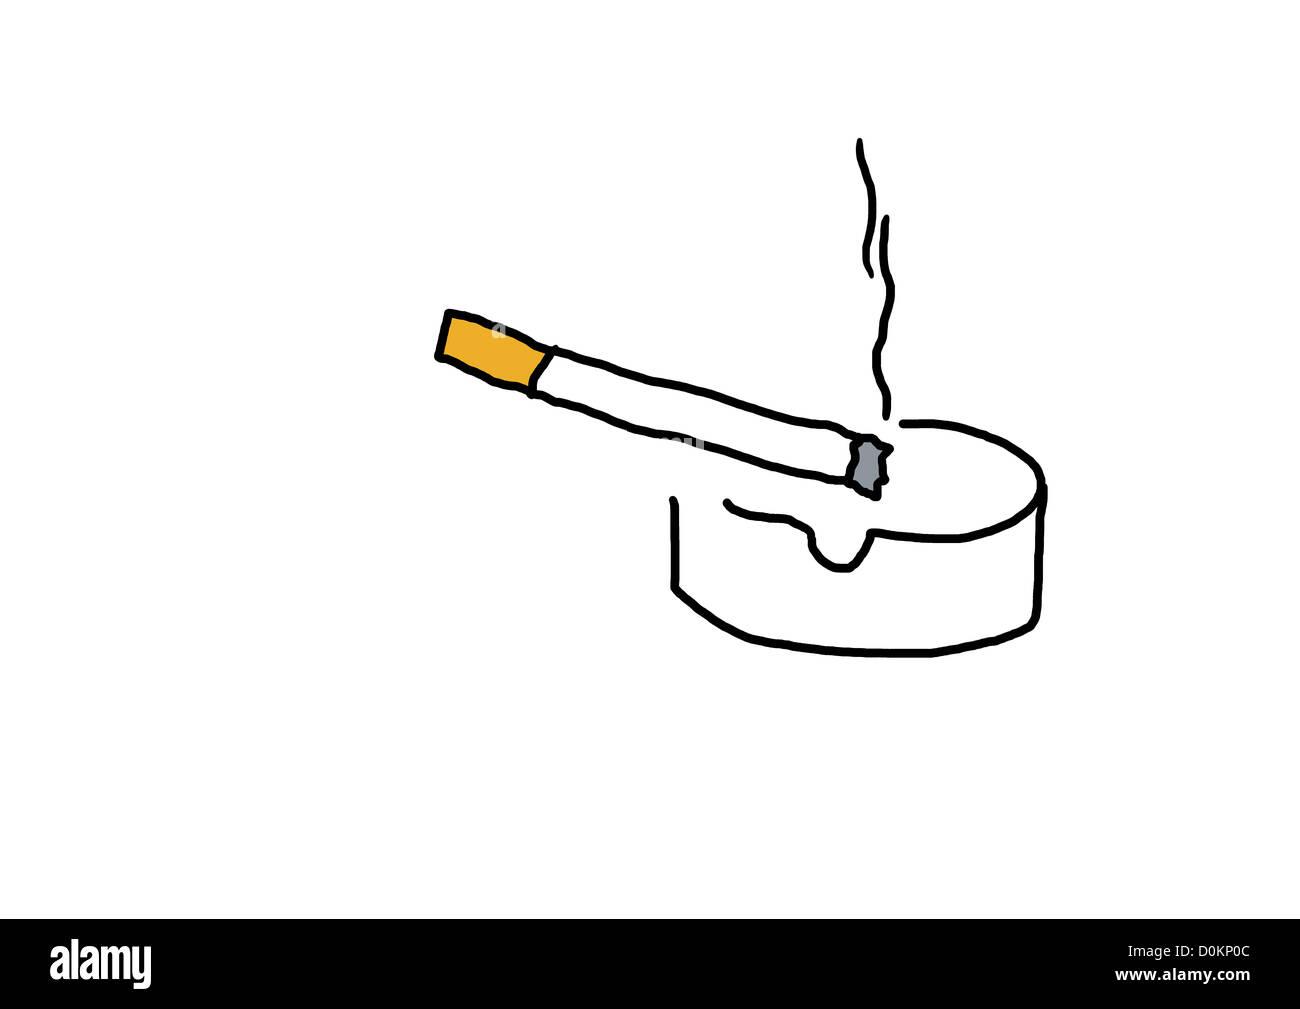 Disegno Delle Sigarette Immagini Disegno Delle Sigarette Fotos